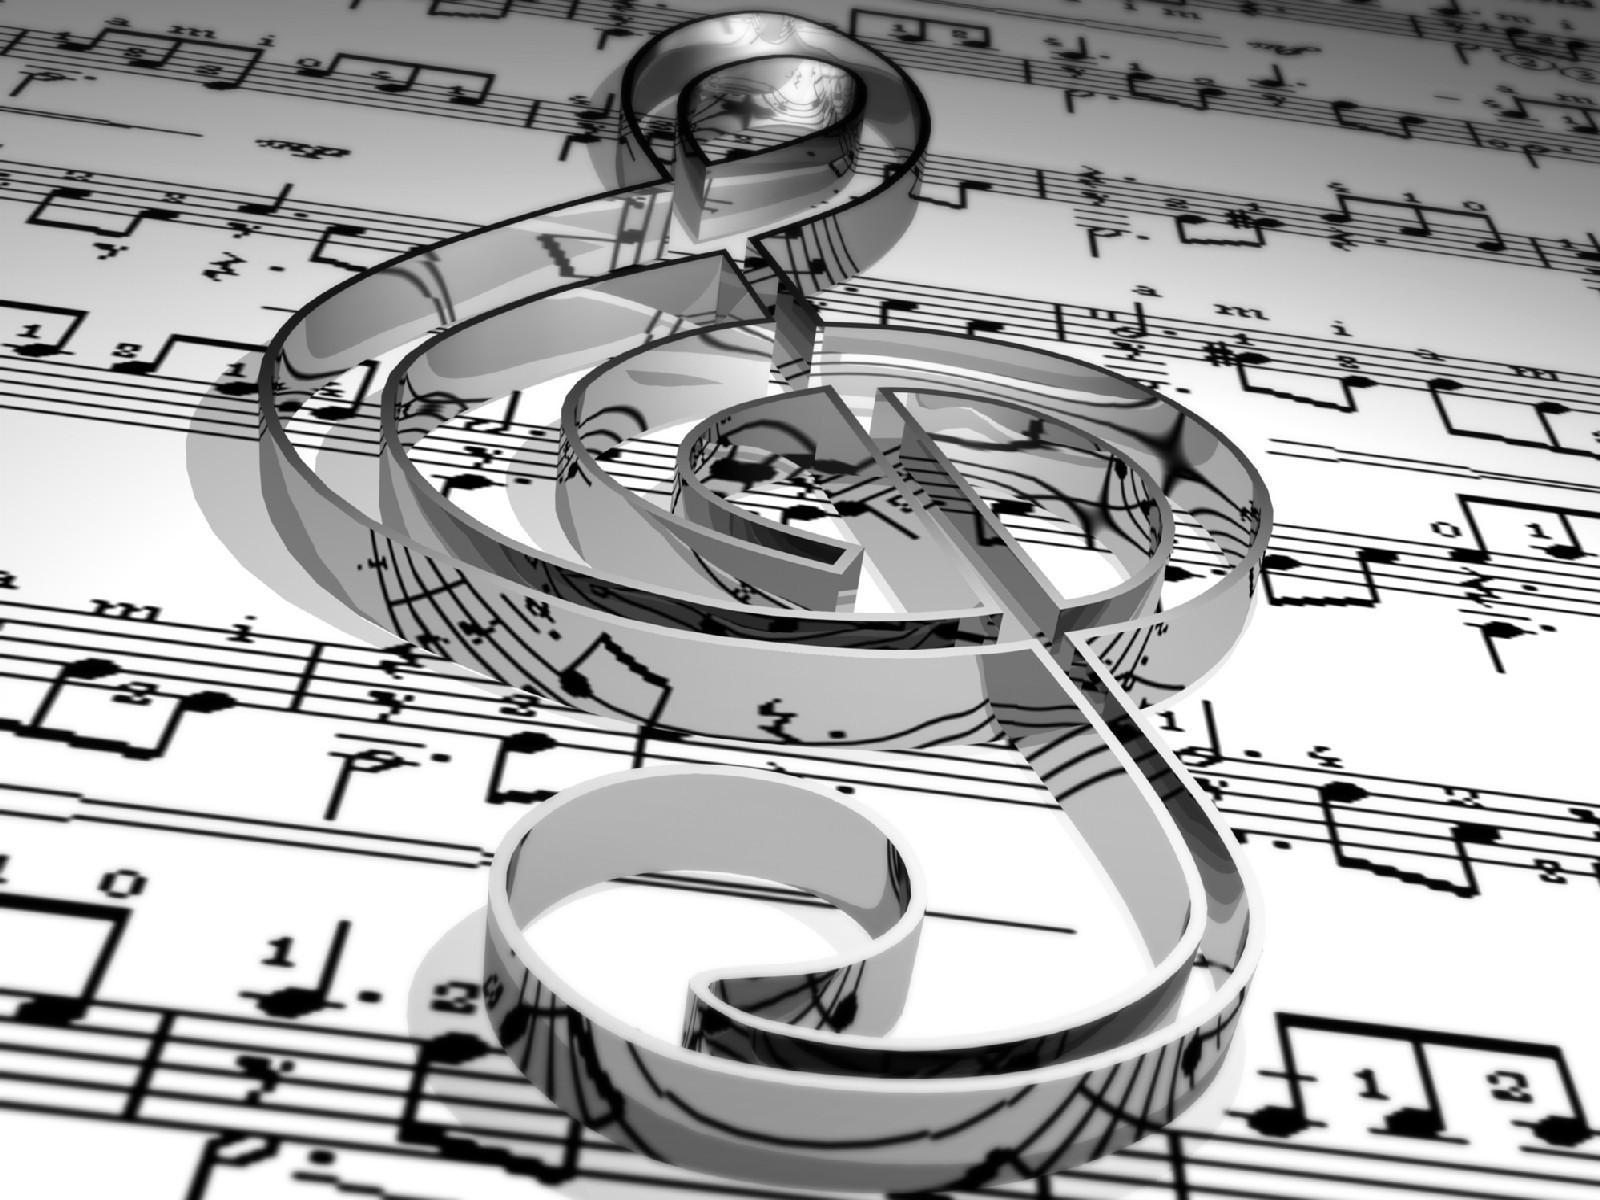 регистрация авторских прав на музыку